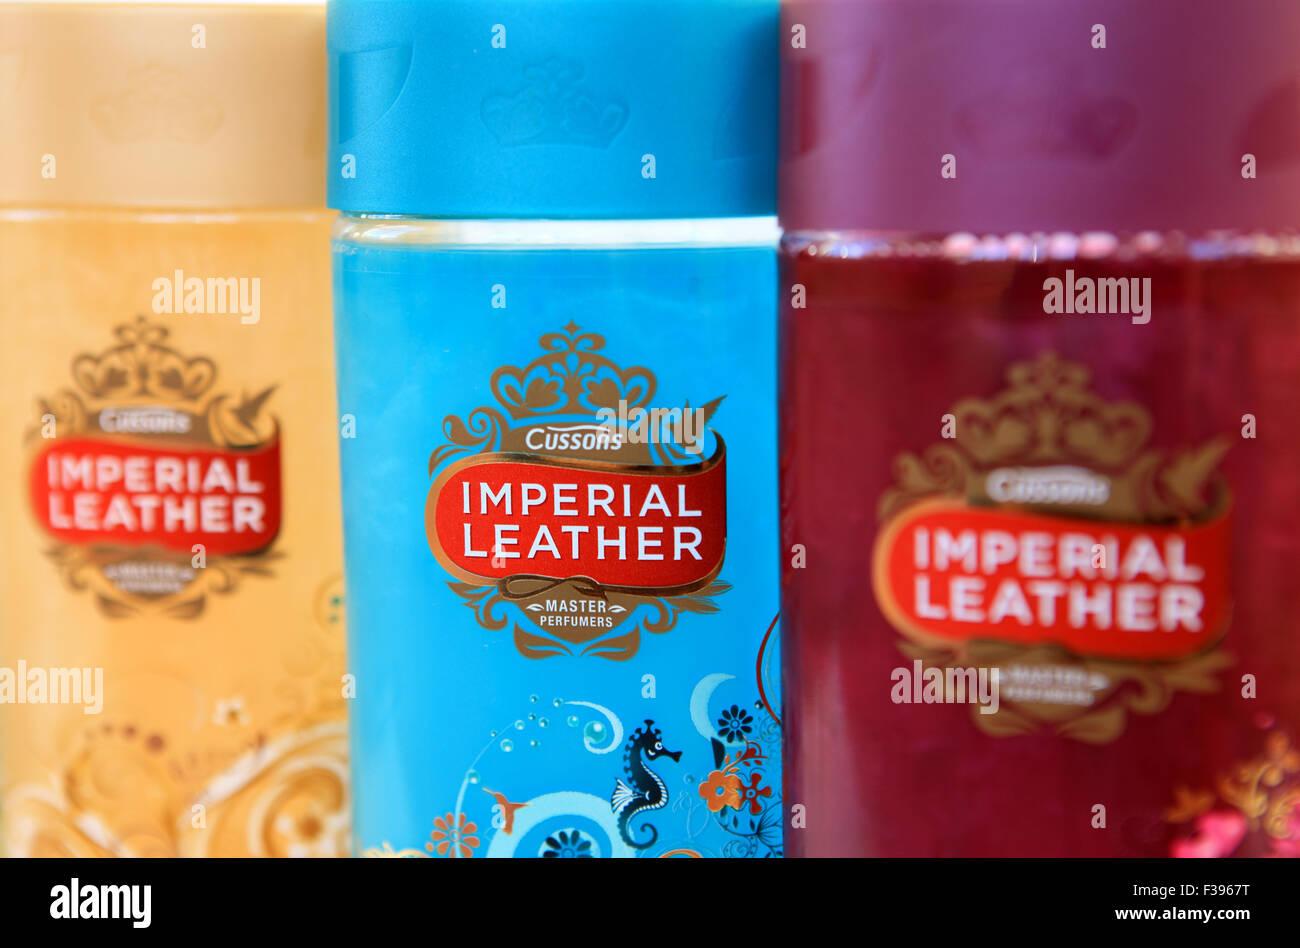 Cussons Imperial bañera remojo de cuero Imagen De Stock